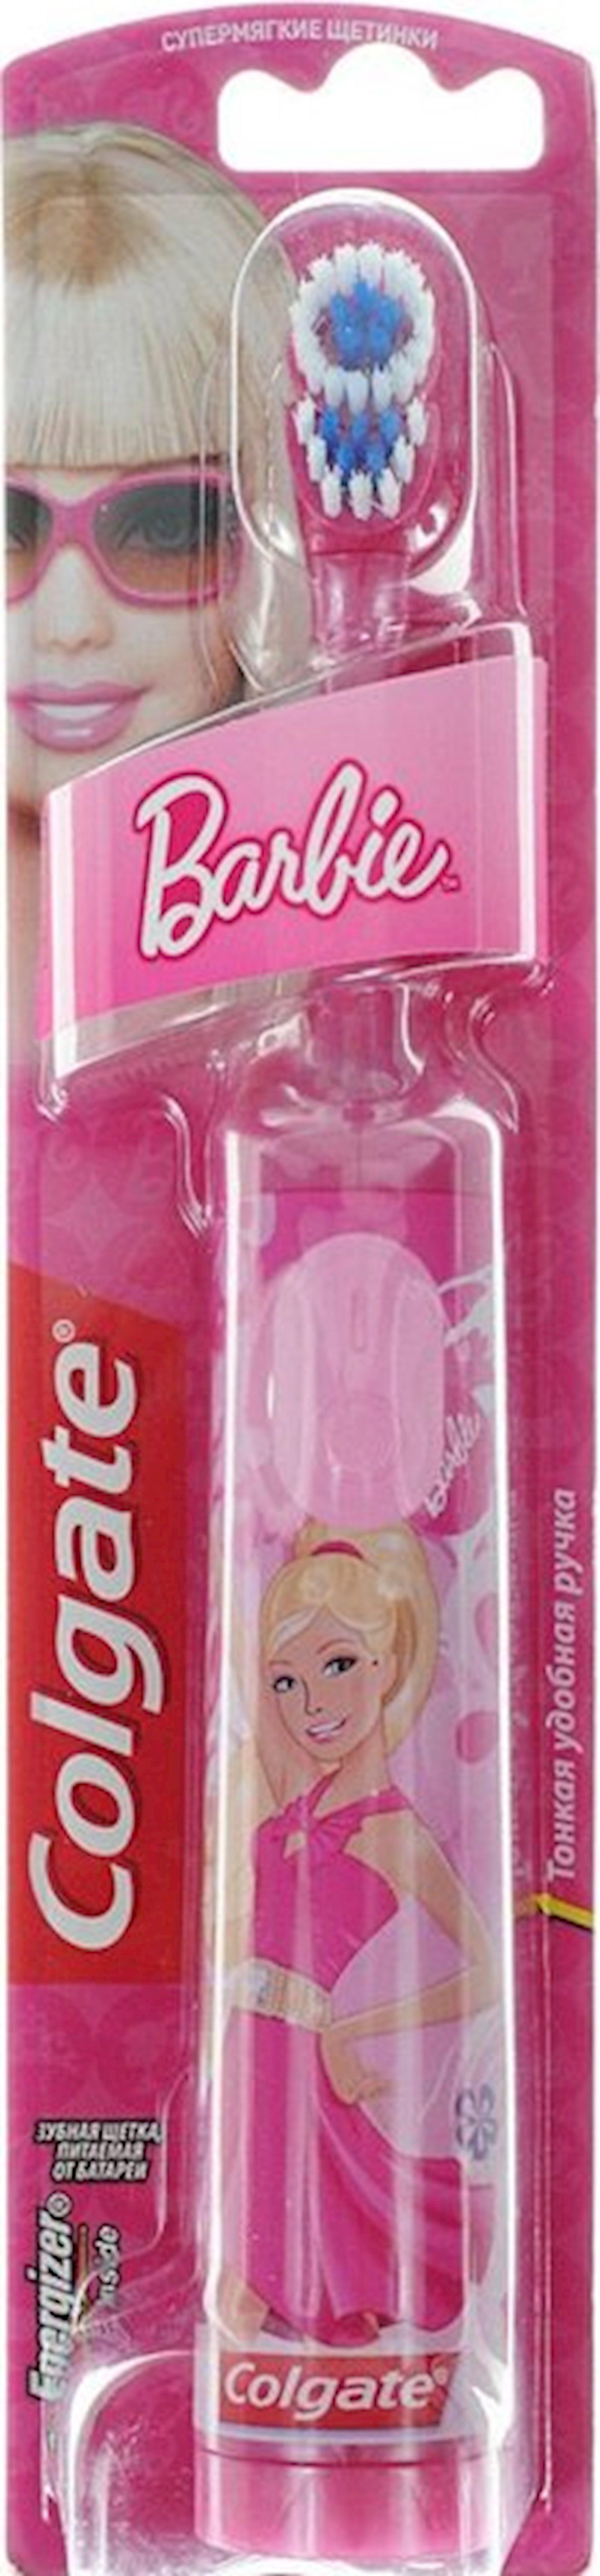 Elektrik diş fırçası Colgate Barbie yumşaq tüklər ilə rəngi çəhrayı